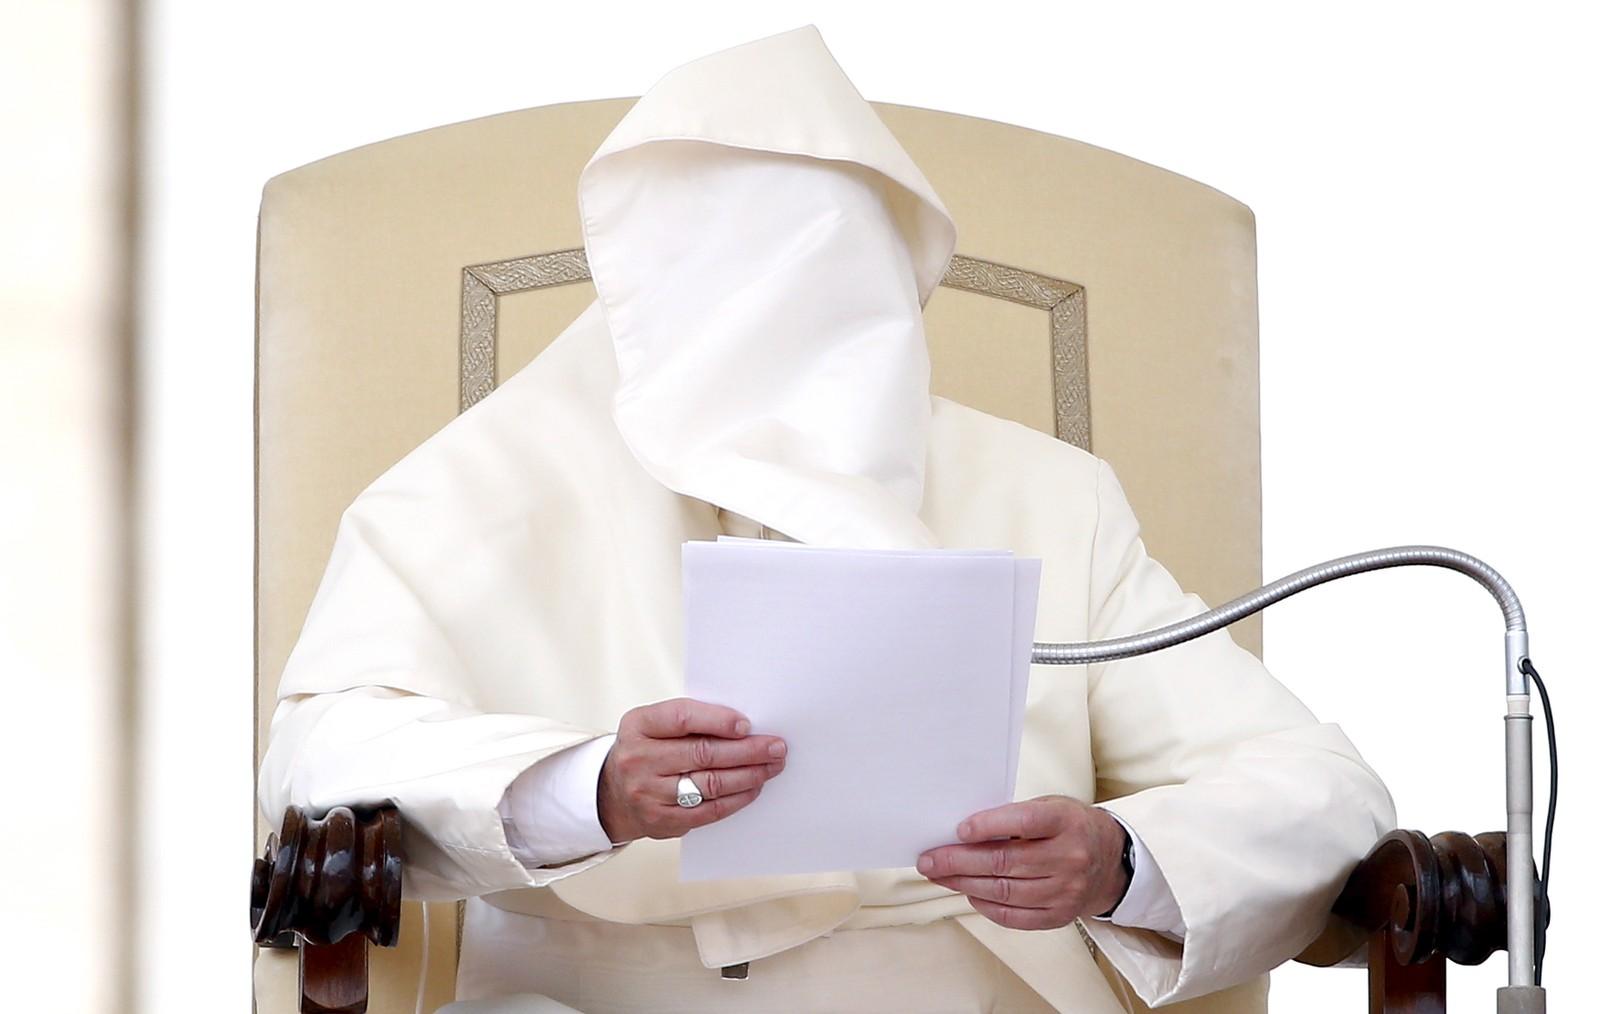 Hver uke tas det masse bilder av pave Frans og ofte gjør vinden sitt til at disse bildene blir ekstra morsomme. Her blir hele pavens ansikt gjemt bak kappen et lite øyeblikk under den ukentlige audiensen i Vatikanet.